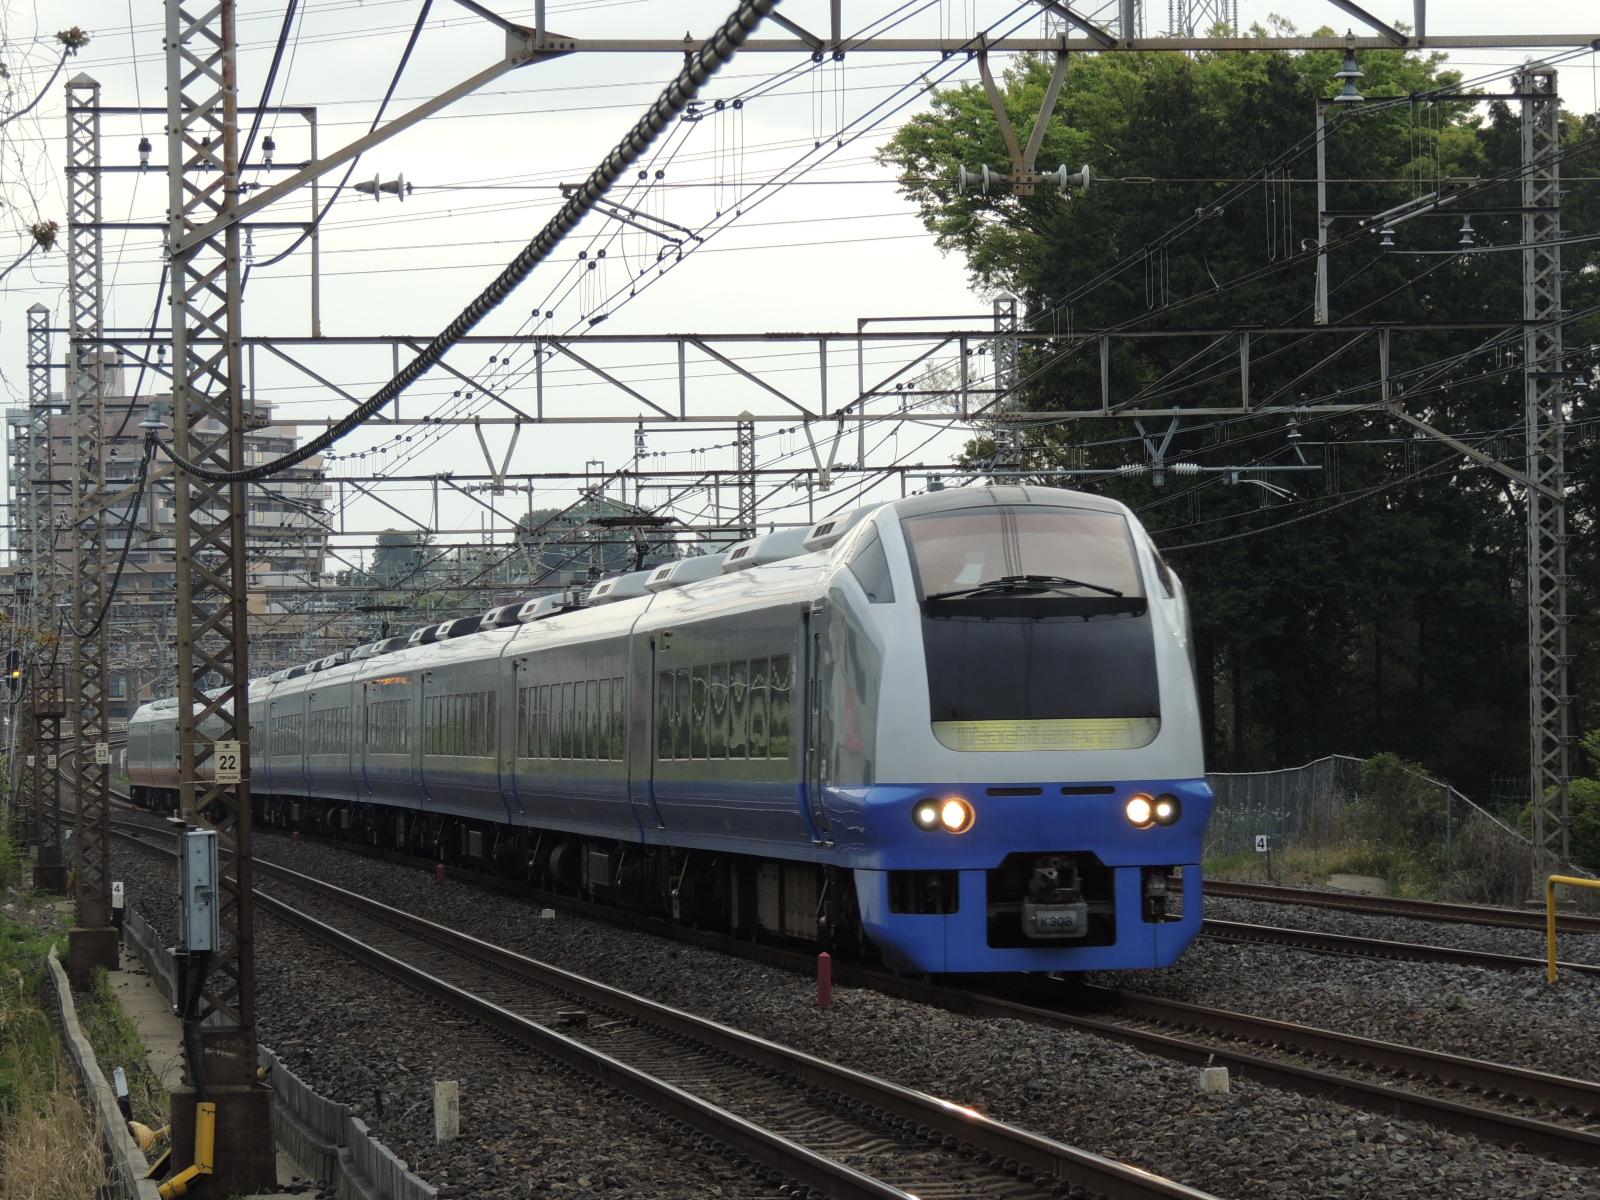 DSCN7670.jpg